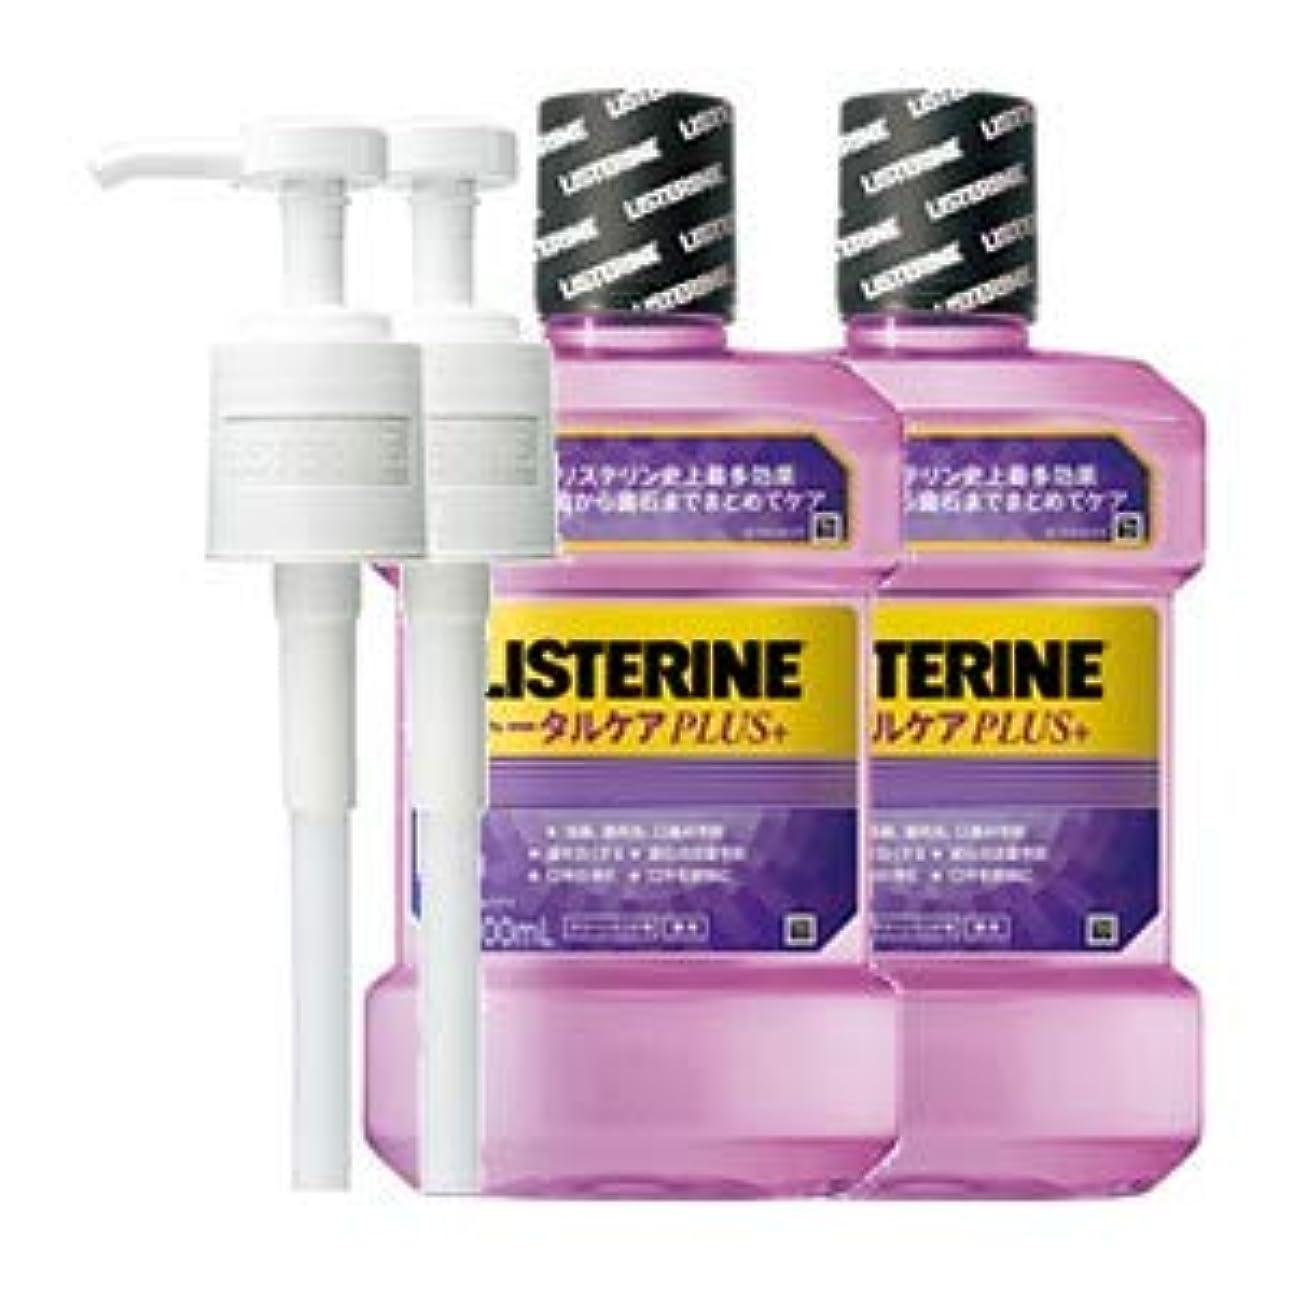 パキスタン旅行ポータル薬用リステリン トータルケアプラス (液体歯磨) 1000mL 2点セット (ポンプ付)